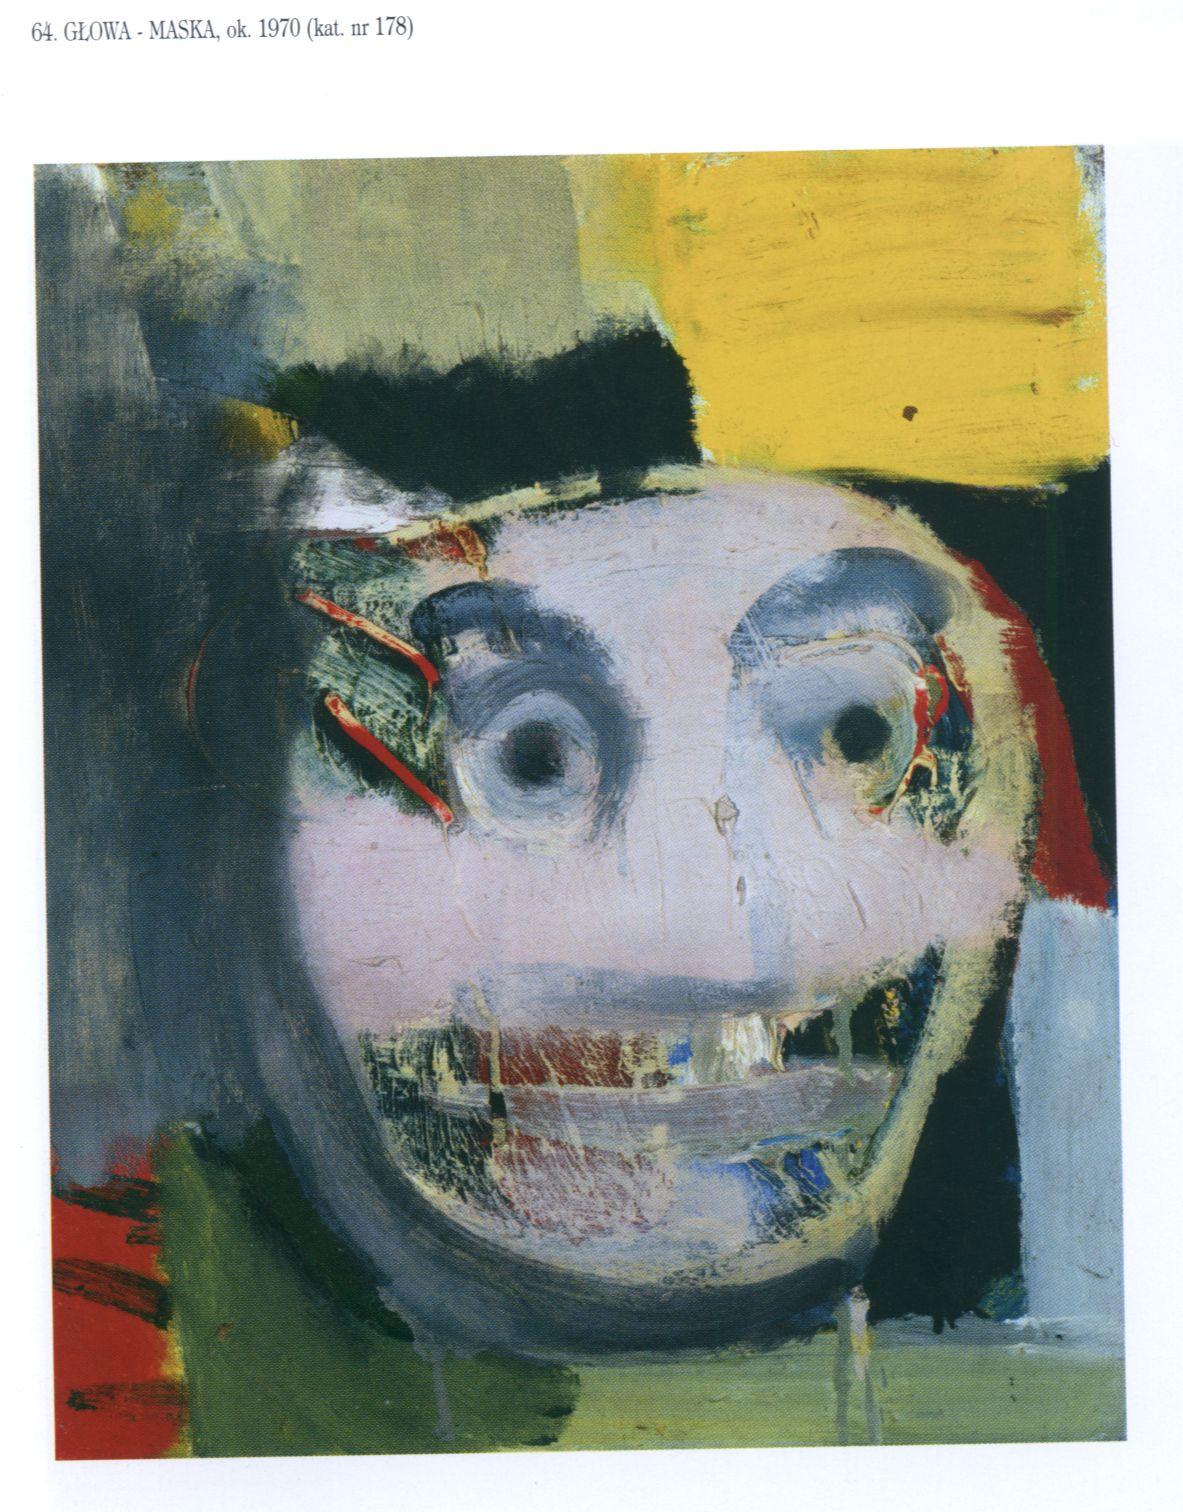 Artur Nacht-Samborski, Głowa maska, 1970, olej, płótno (źródło: materiały prasowe)